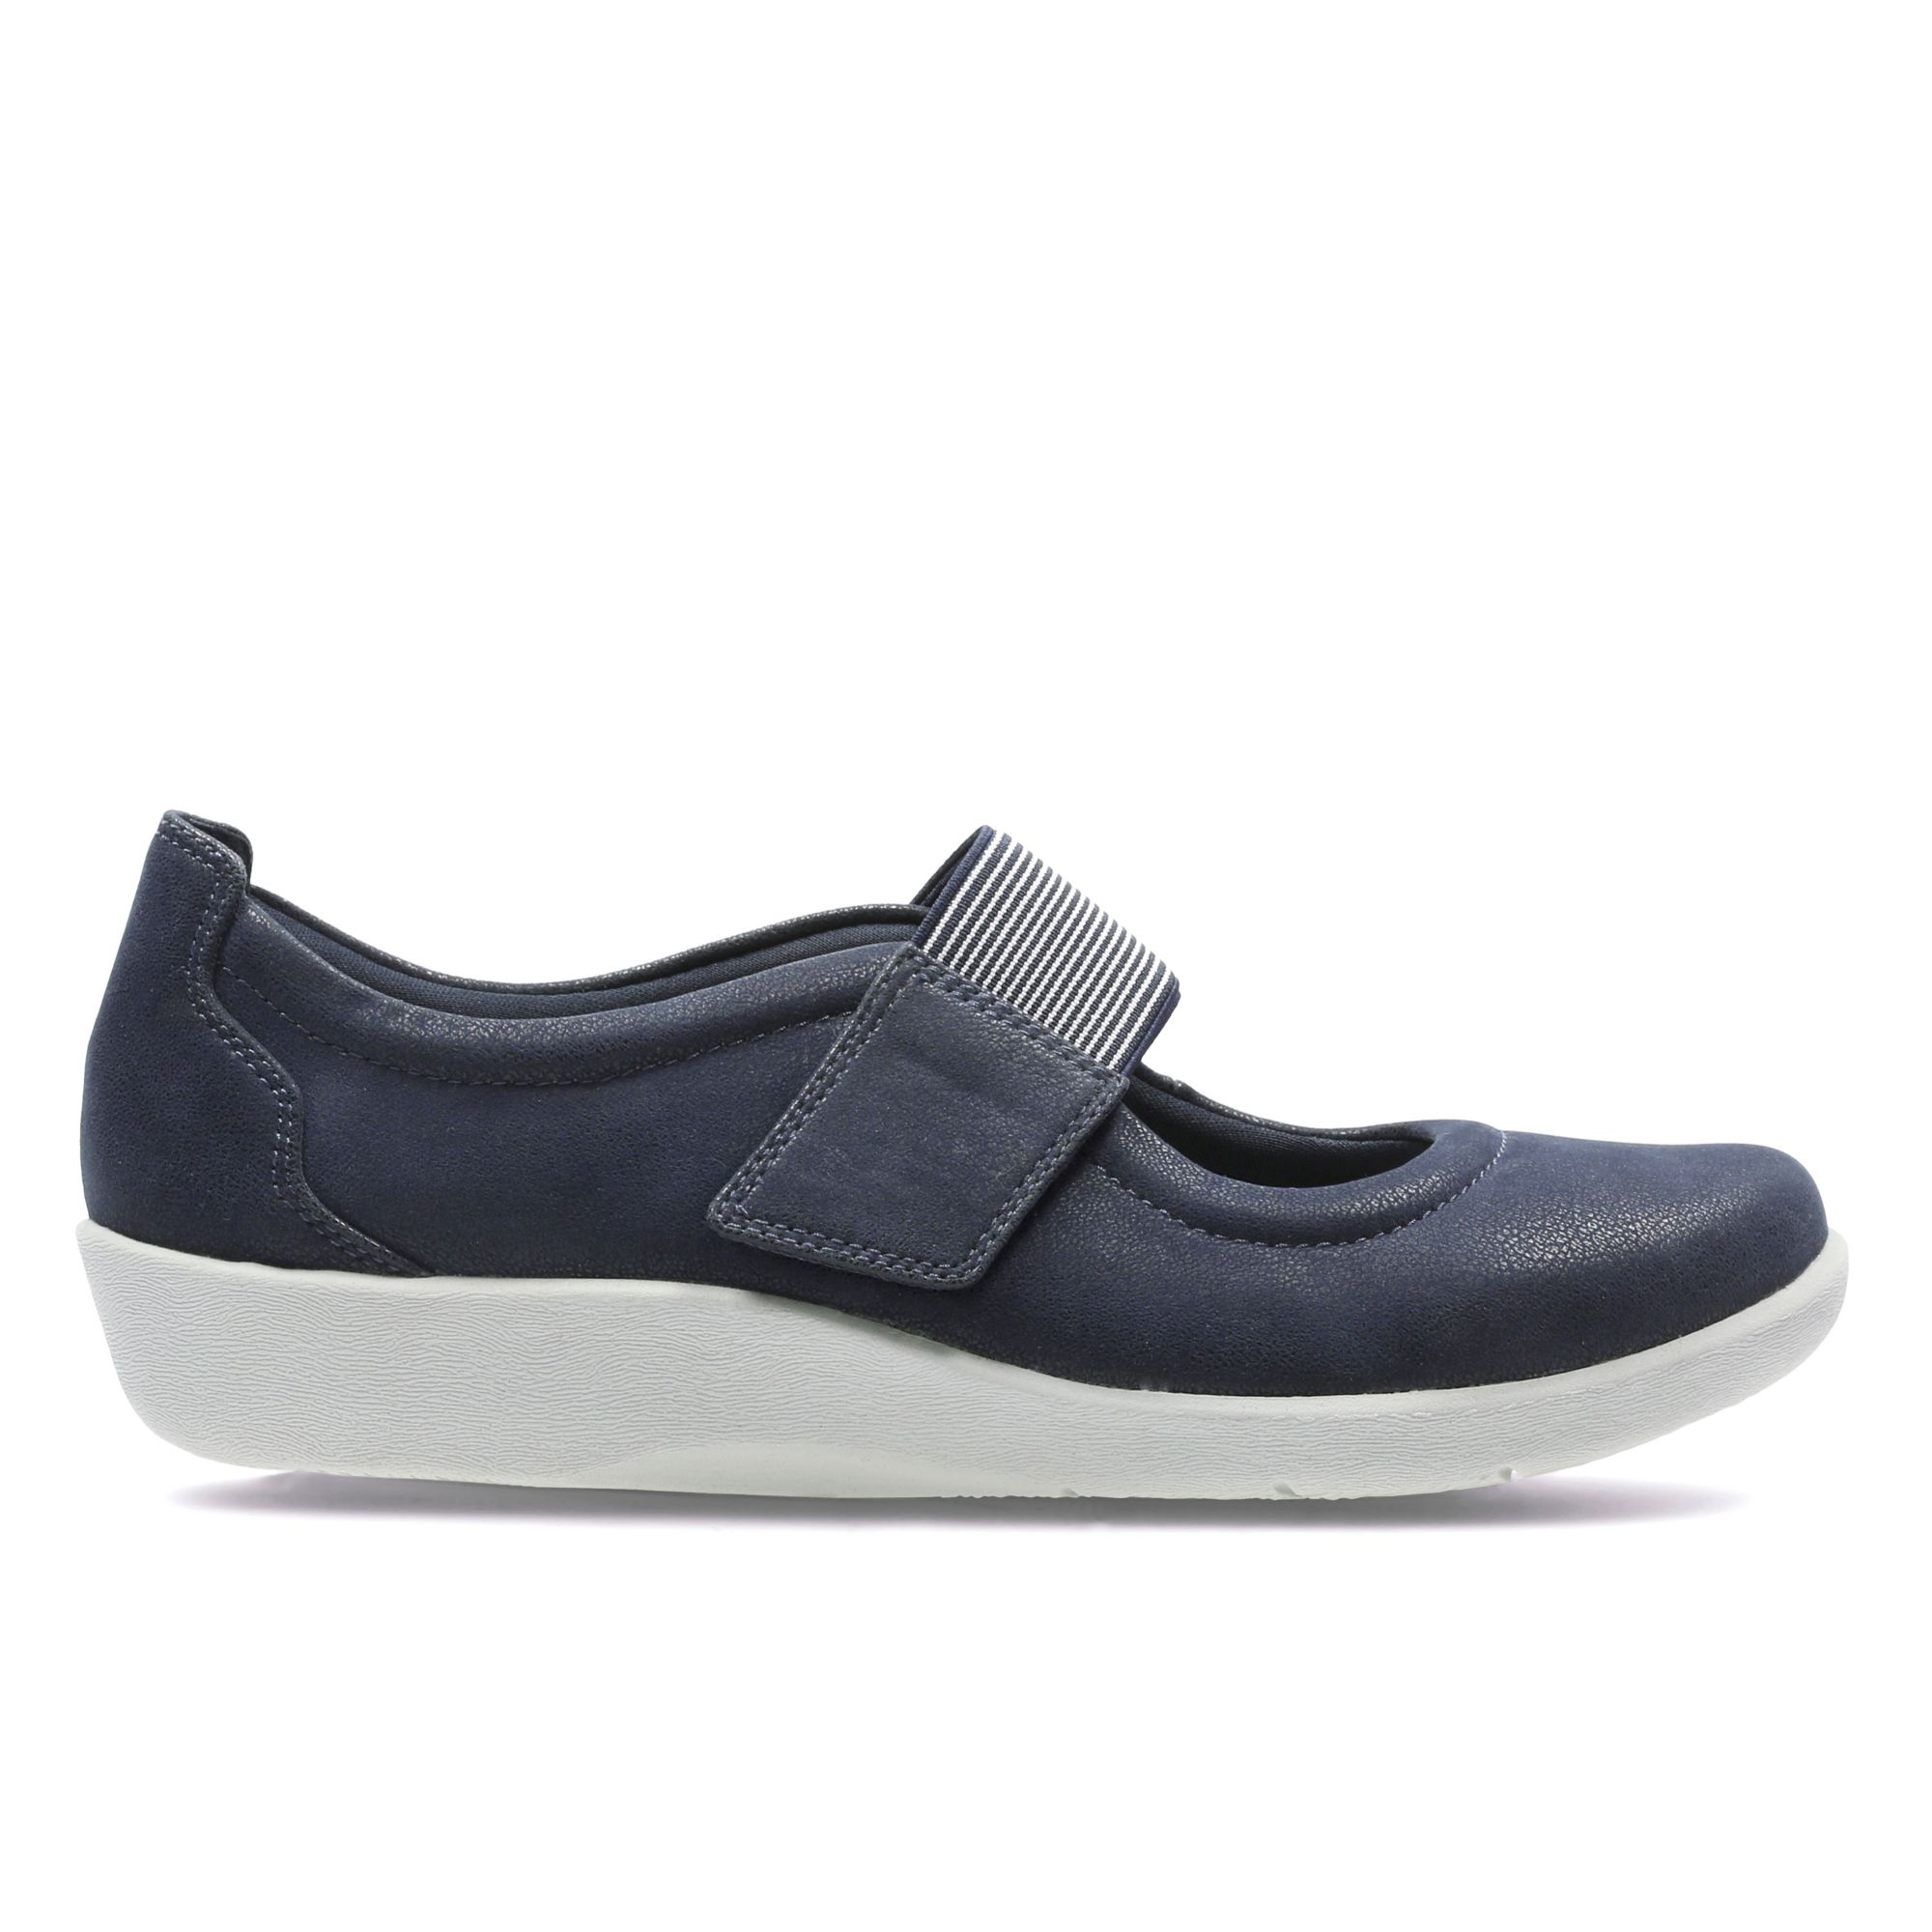 Zapatos mujer Sillian Cala: Tiendas Notizalia